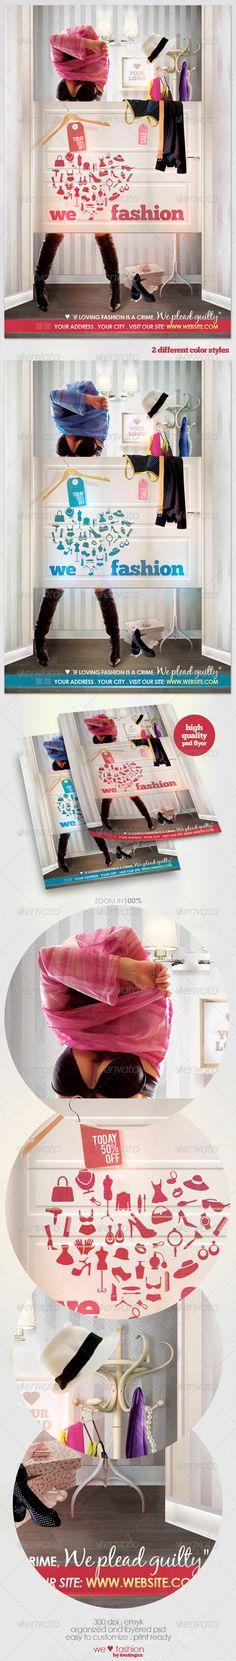 fashion flyer, flyer templat, thriftresal shop, shop signag, print templat